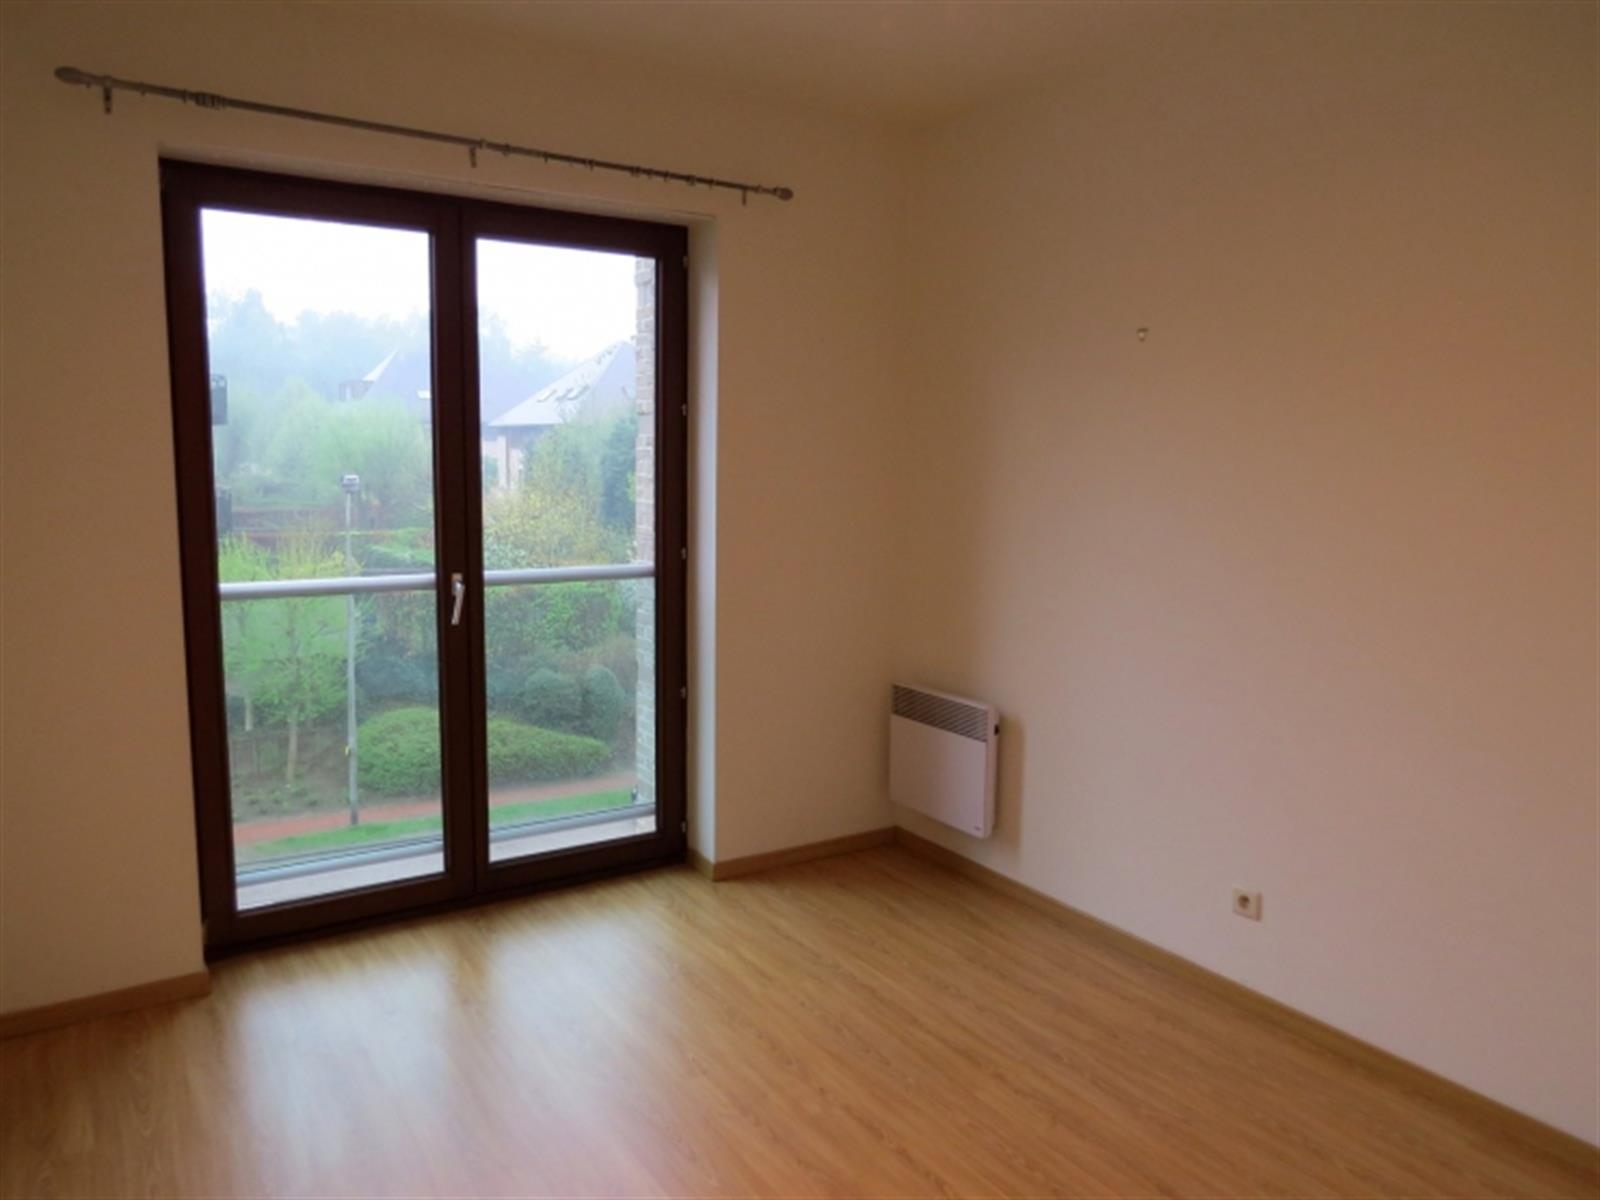 Appartement - Woluwe-Saint-Pierre - #4100706-9